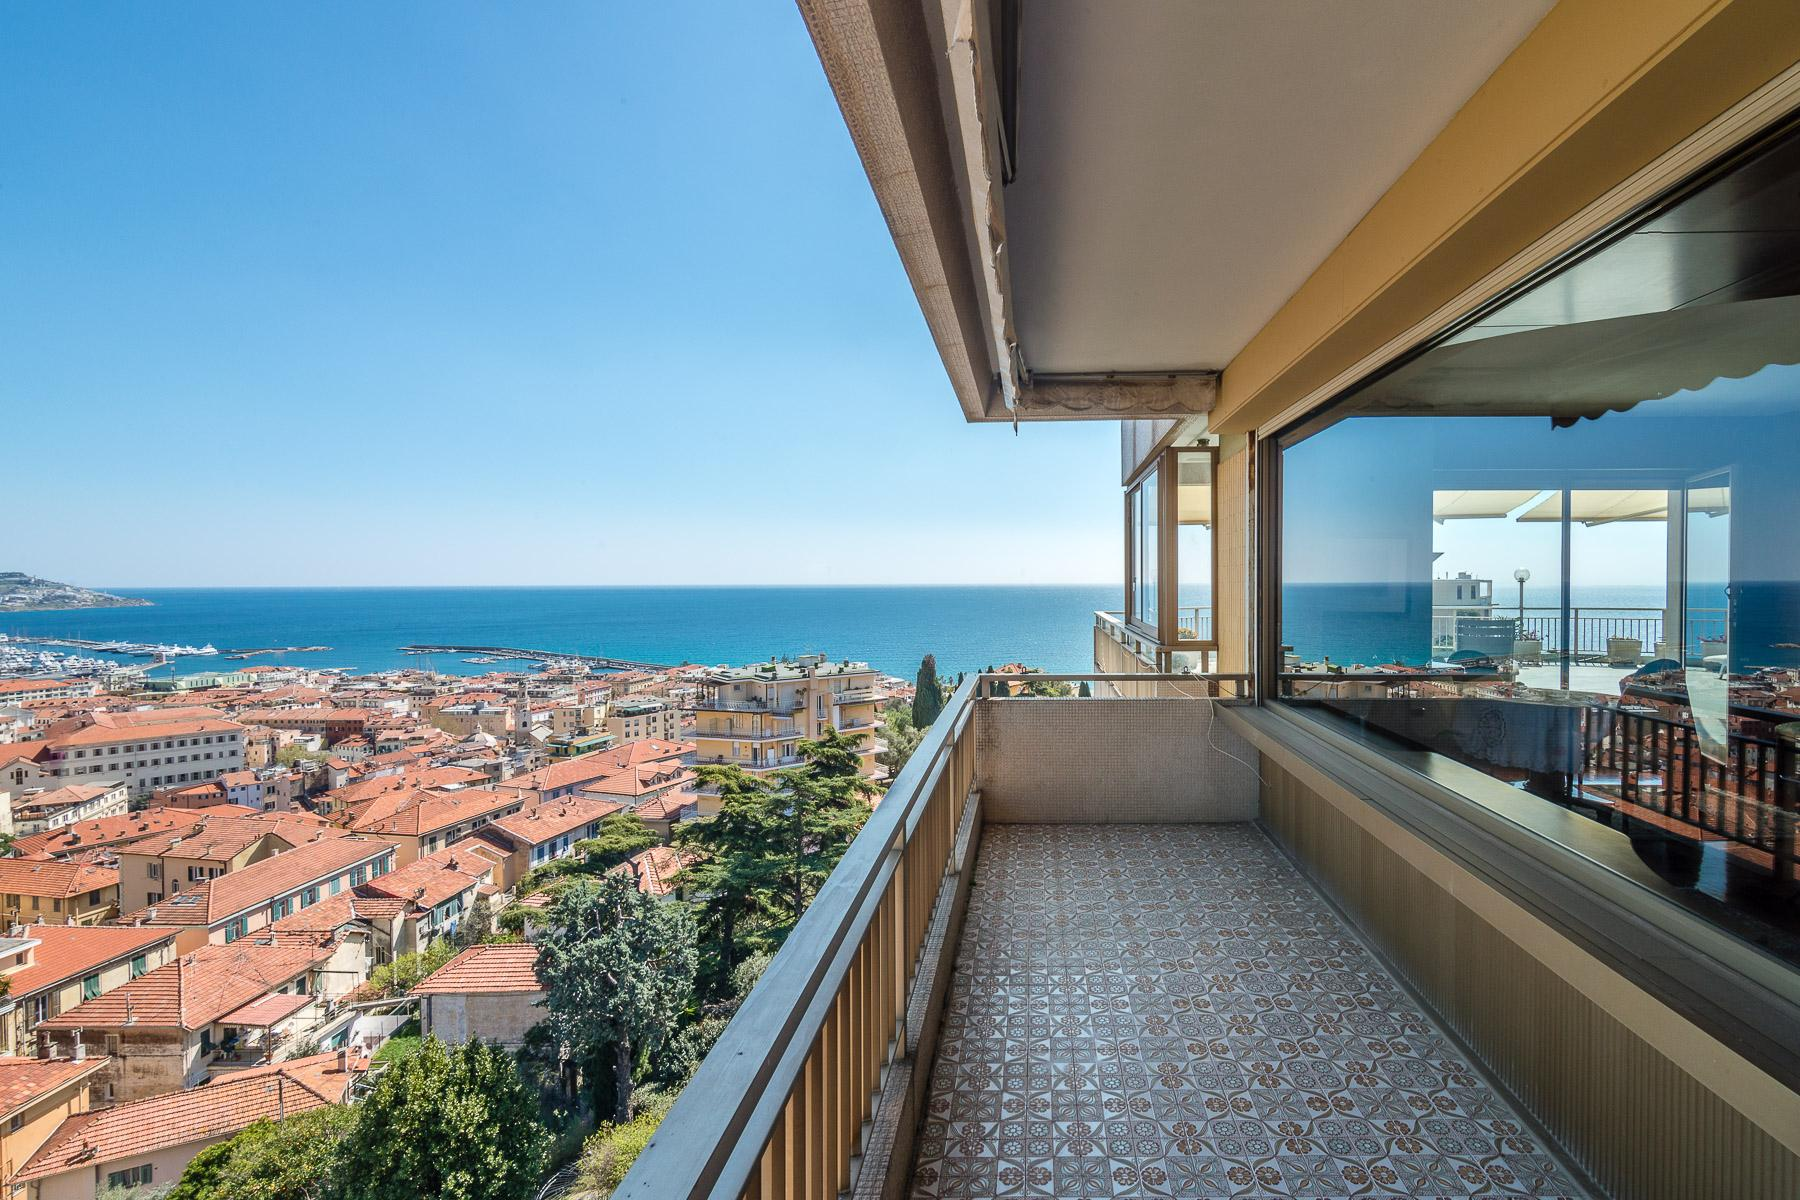 Appartement panoramique avec terrasse d'environ 80 mq - 12